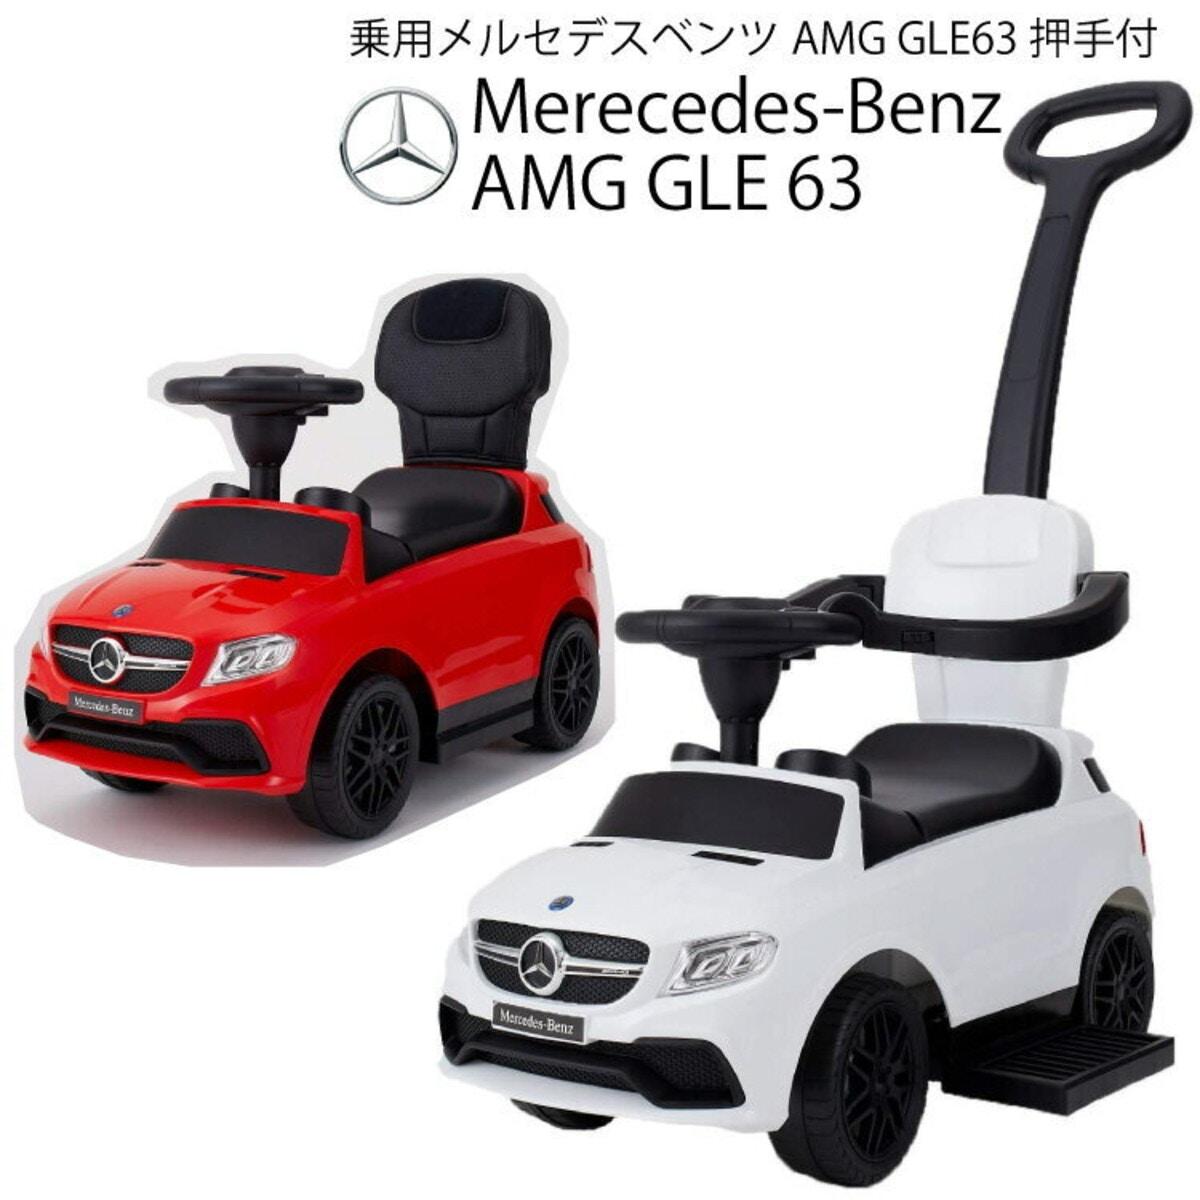 メルセデスベンツAMG GLE63